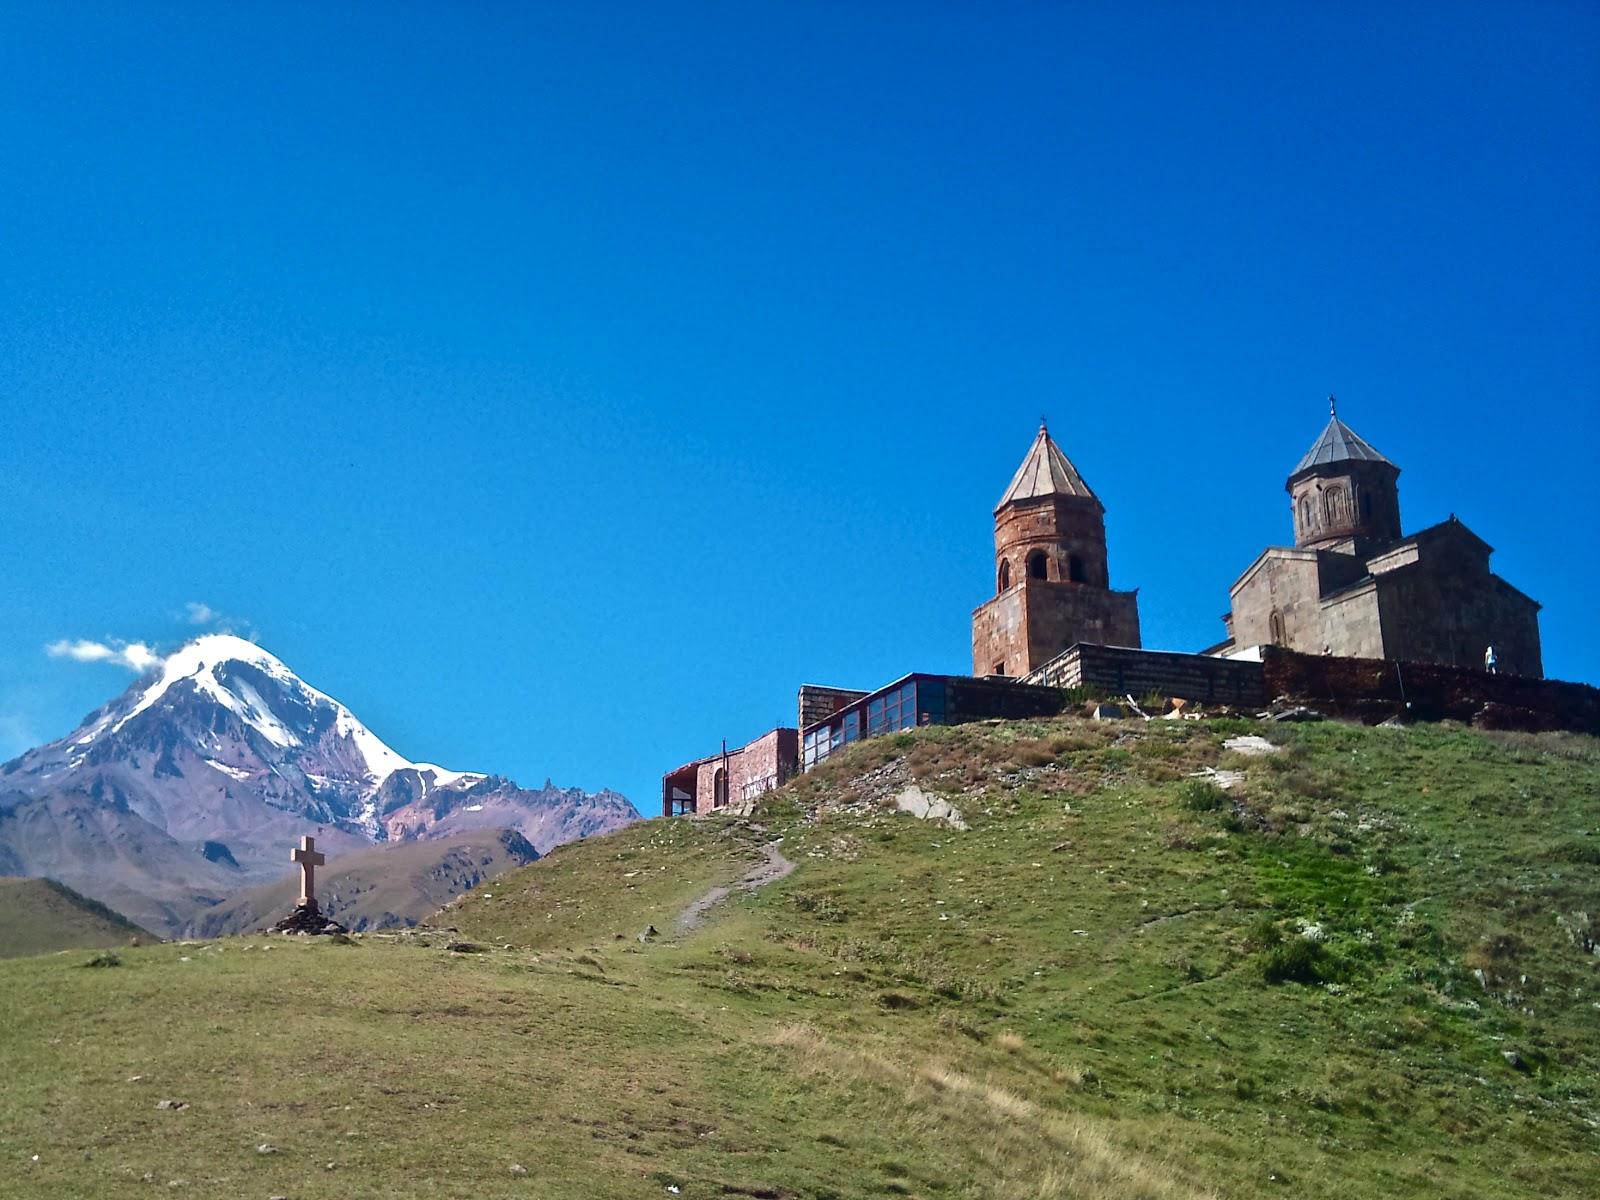 グルジアが誇る秘境。まるで天に昇っていくかのような天空の教会「ツミンダ・サメバ教会」